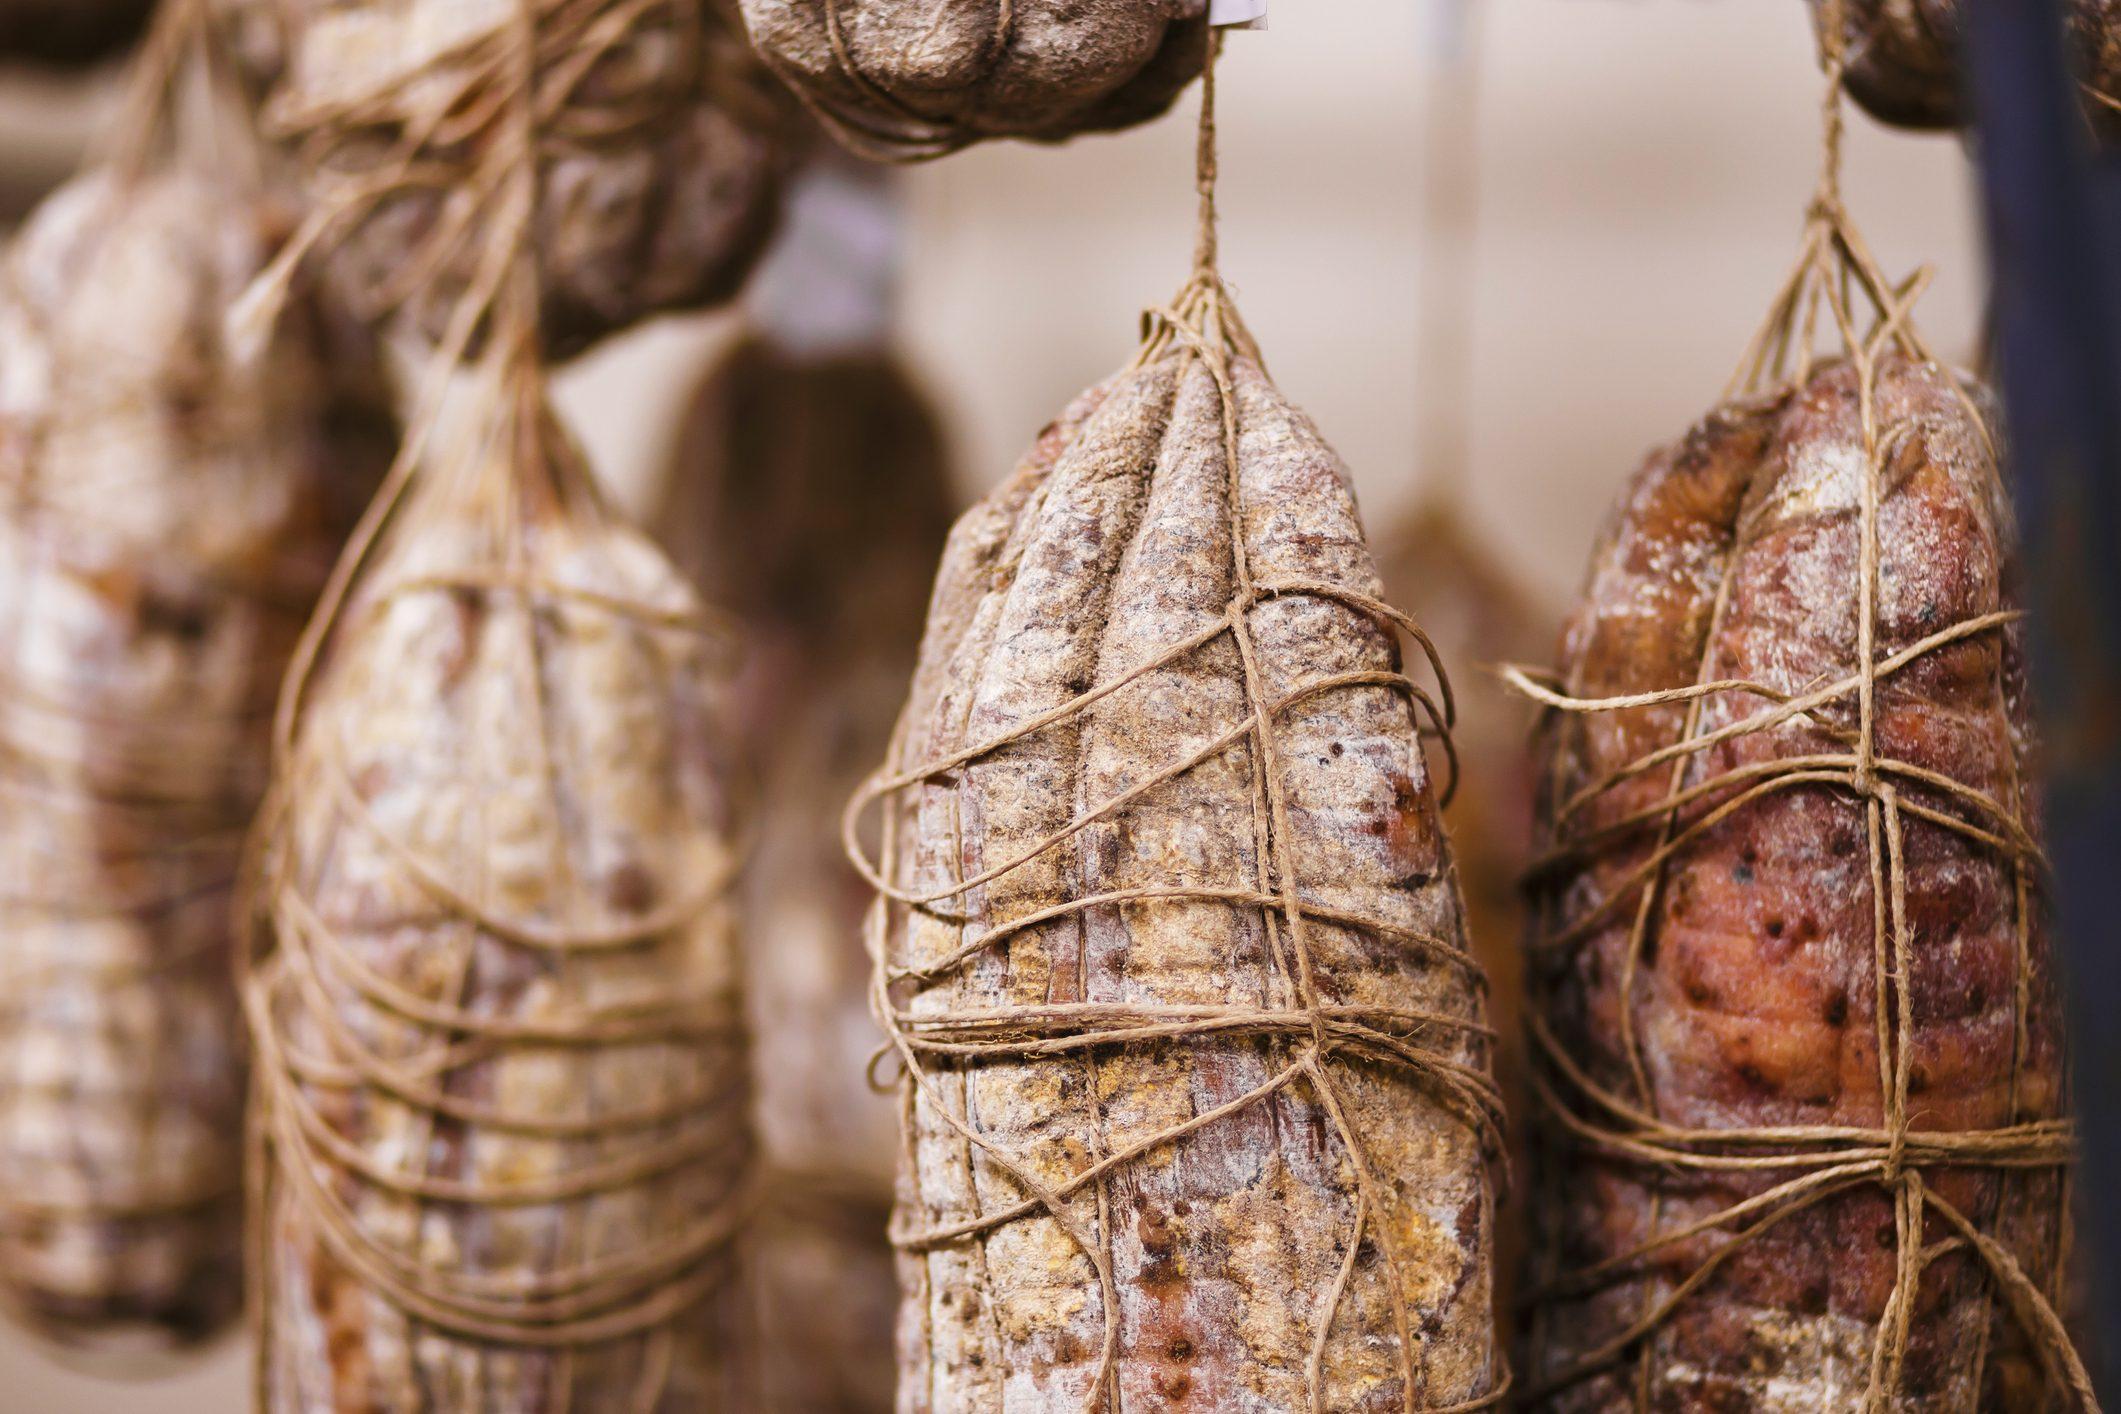 Tra le migliori gastronomie del mondo il Financial Times sceglie ben 7 indirizzi italiani